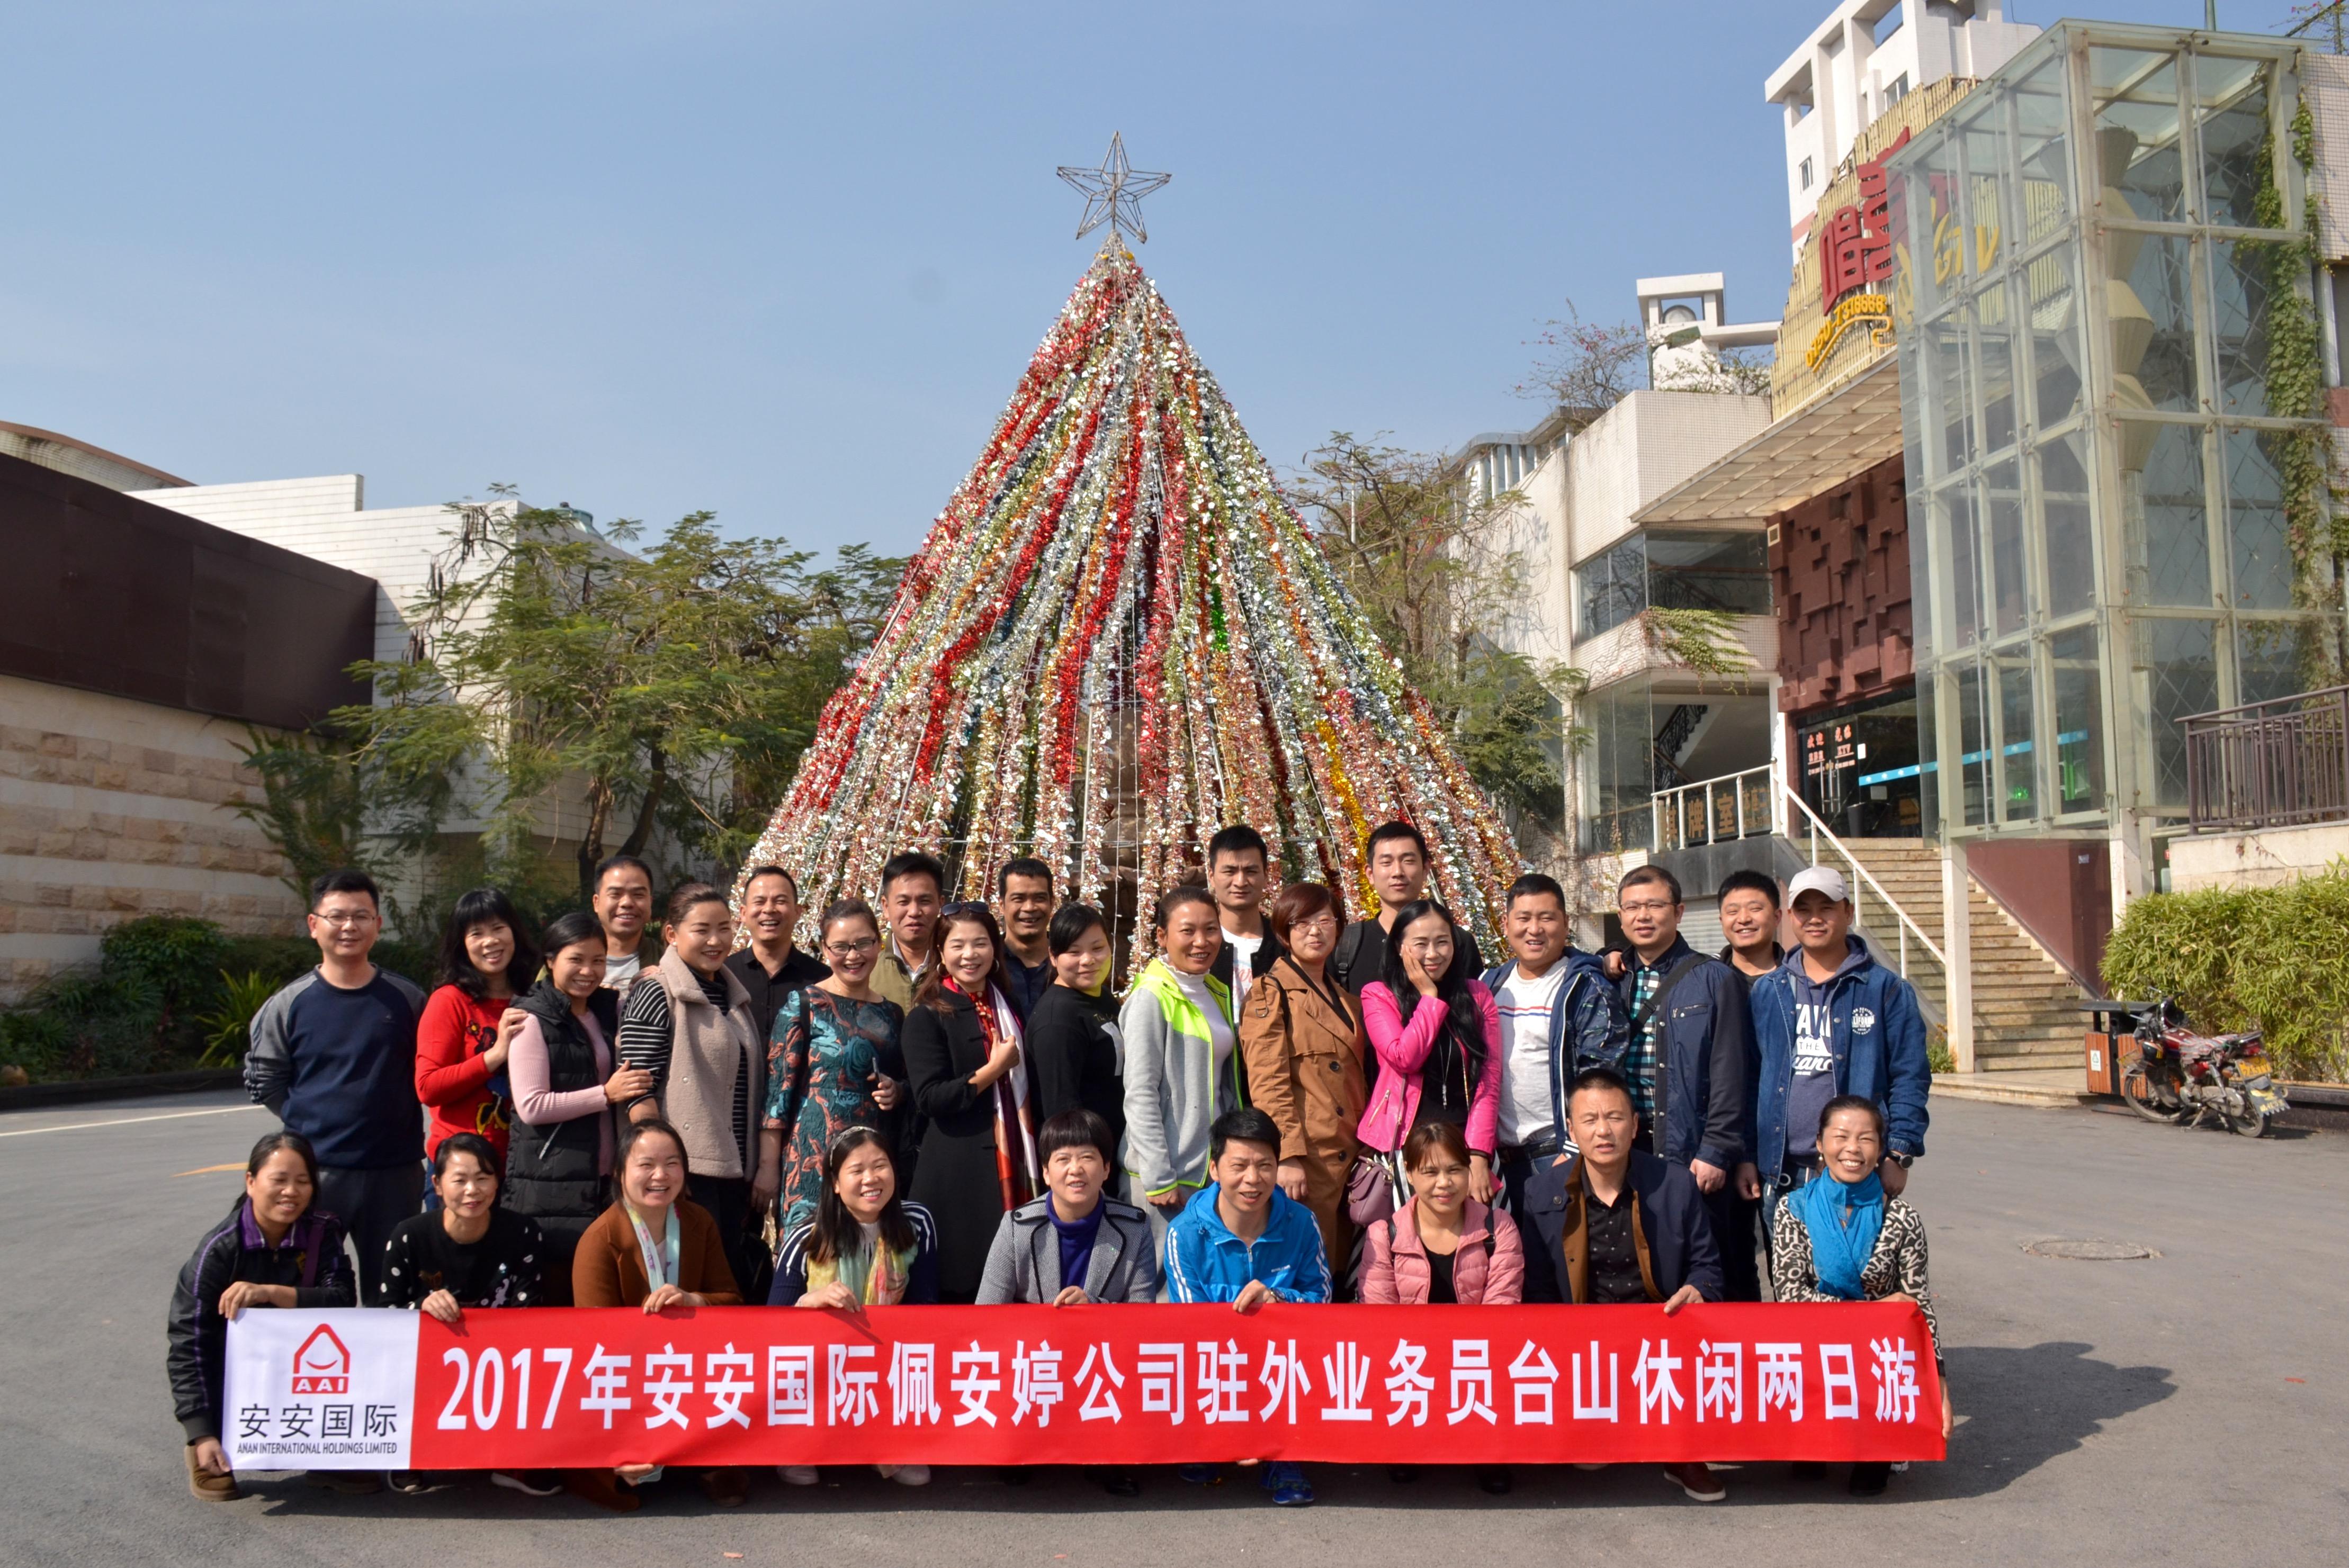 2017年驻外业务培训大会2